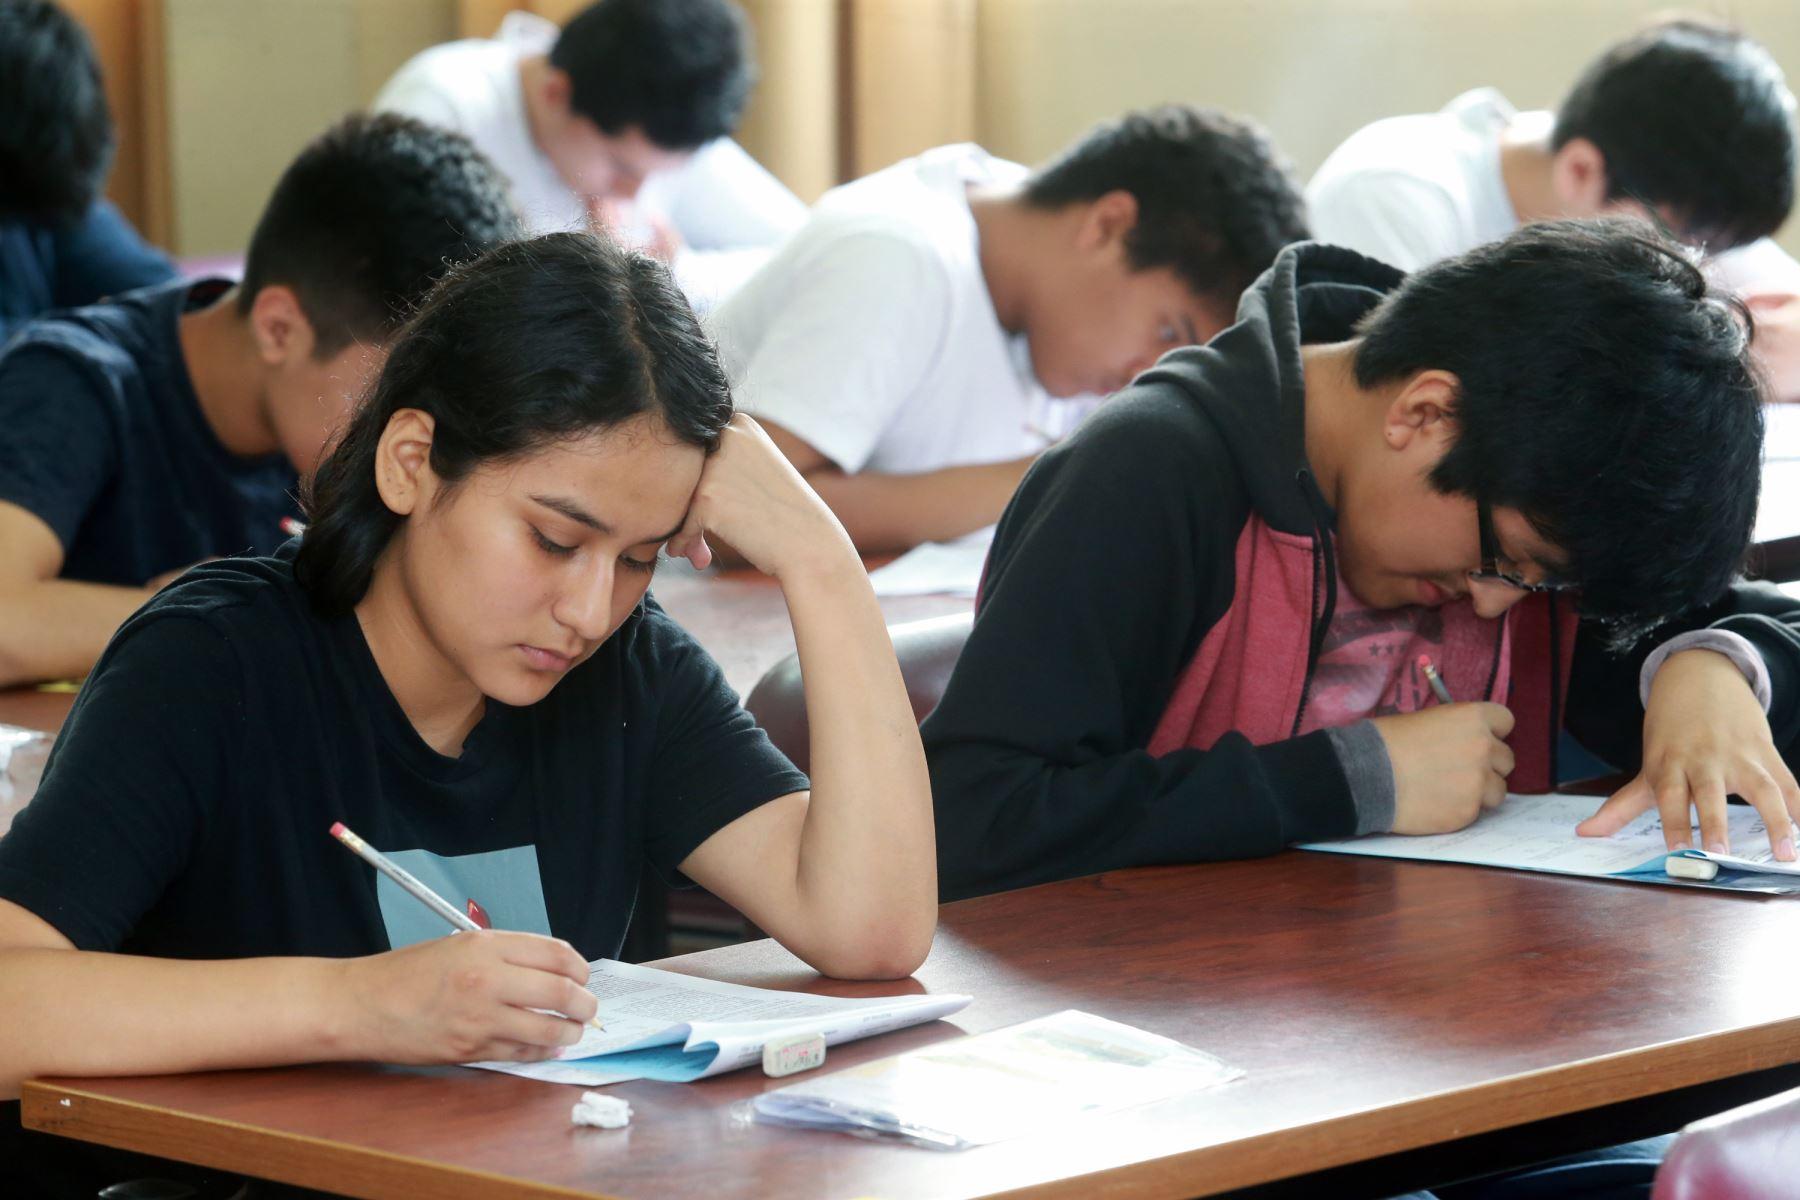 Universidades están en carrera contra el reloj para alcanzar el licenciamiento, dado que a fin de año acaba este proceso, según informó Sunedu. Foto: ANDINA/Norman Córdova